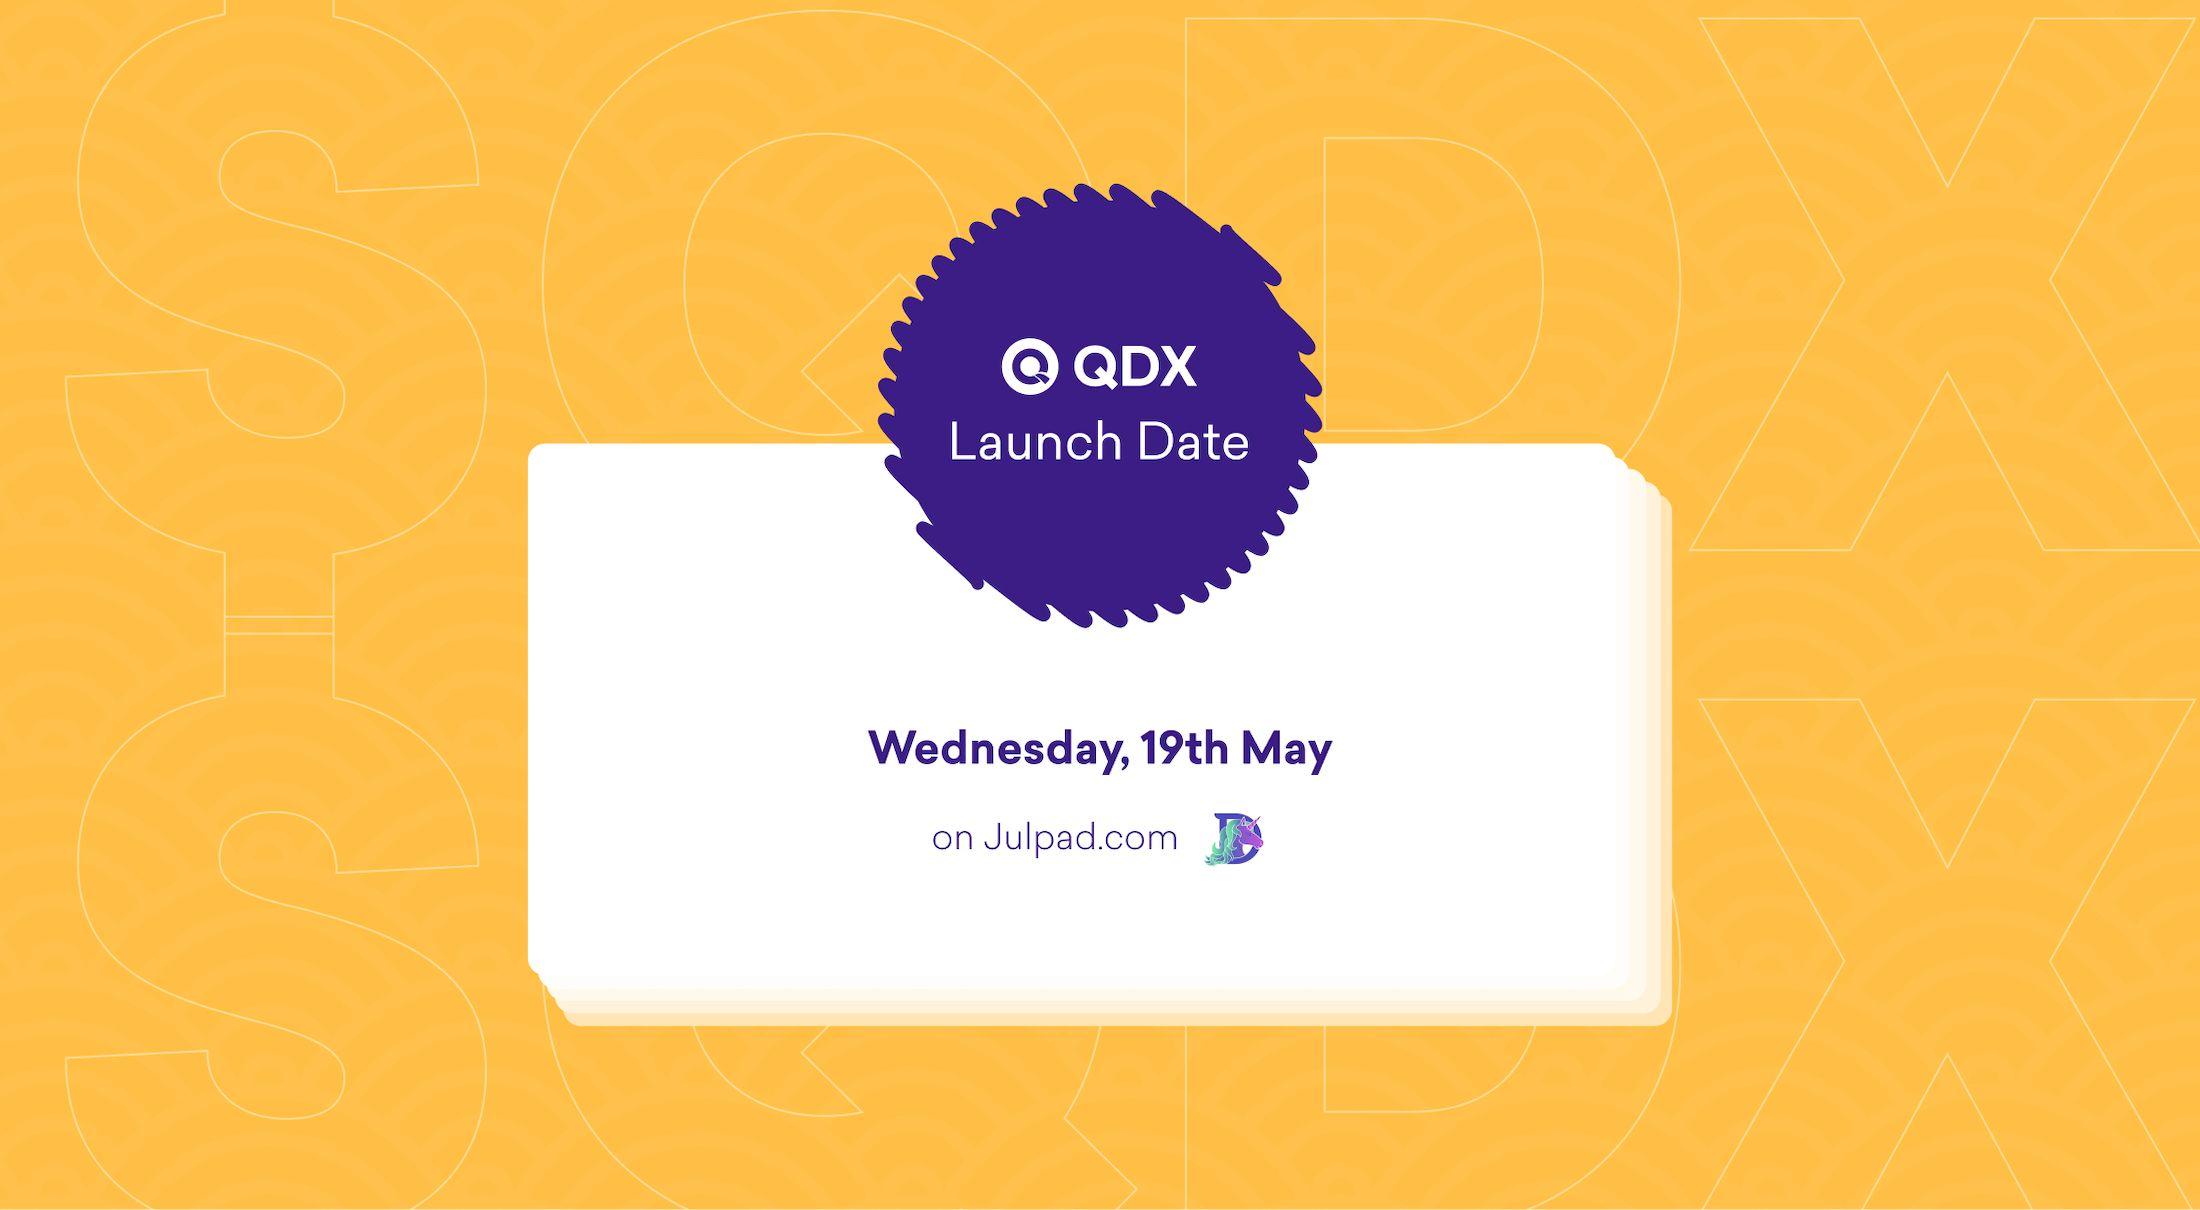 QDX Launch Date